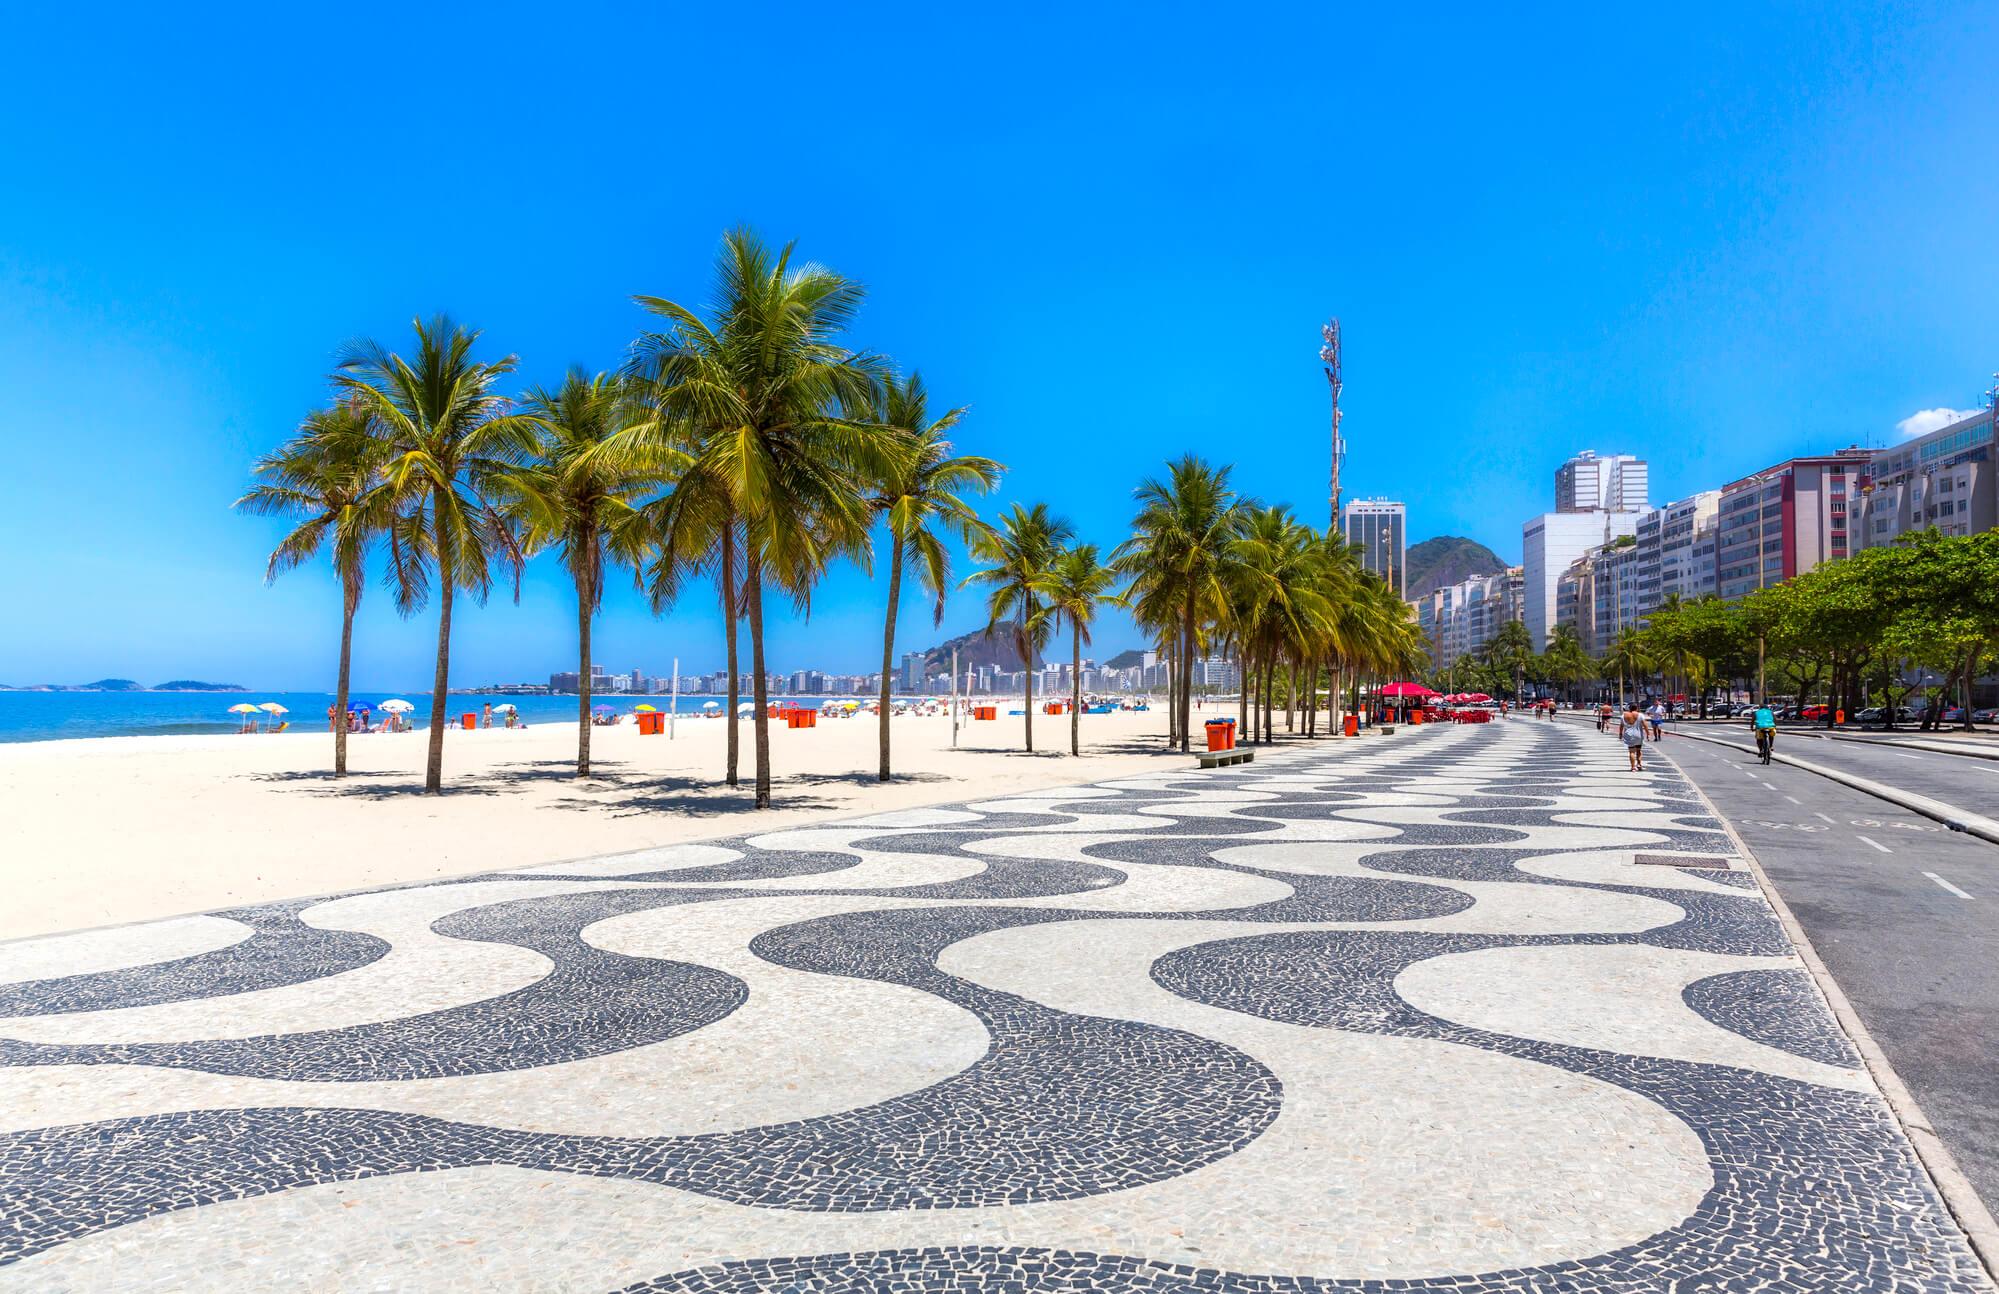 Motivos para viajar ao Rio de Janeiro   Rodoviariaonline